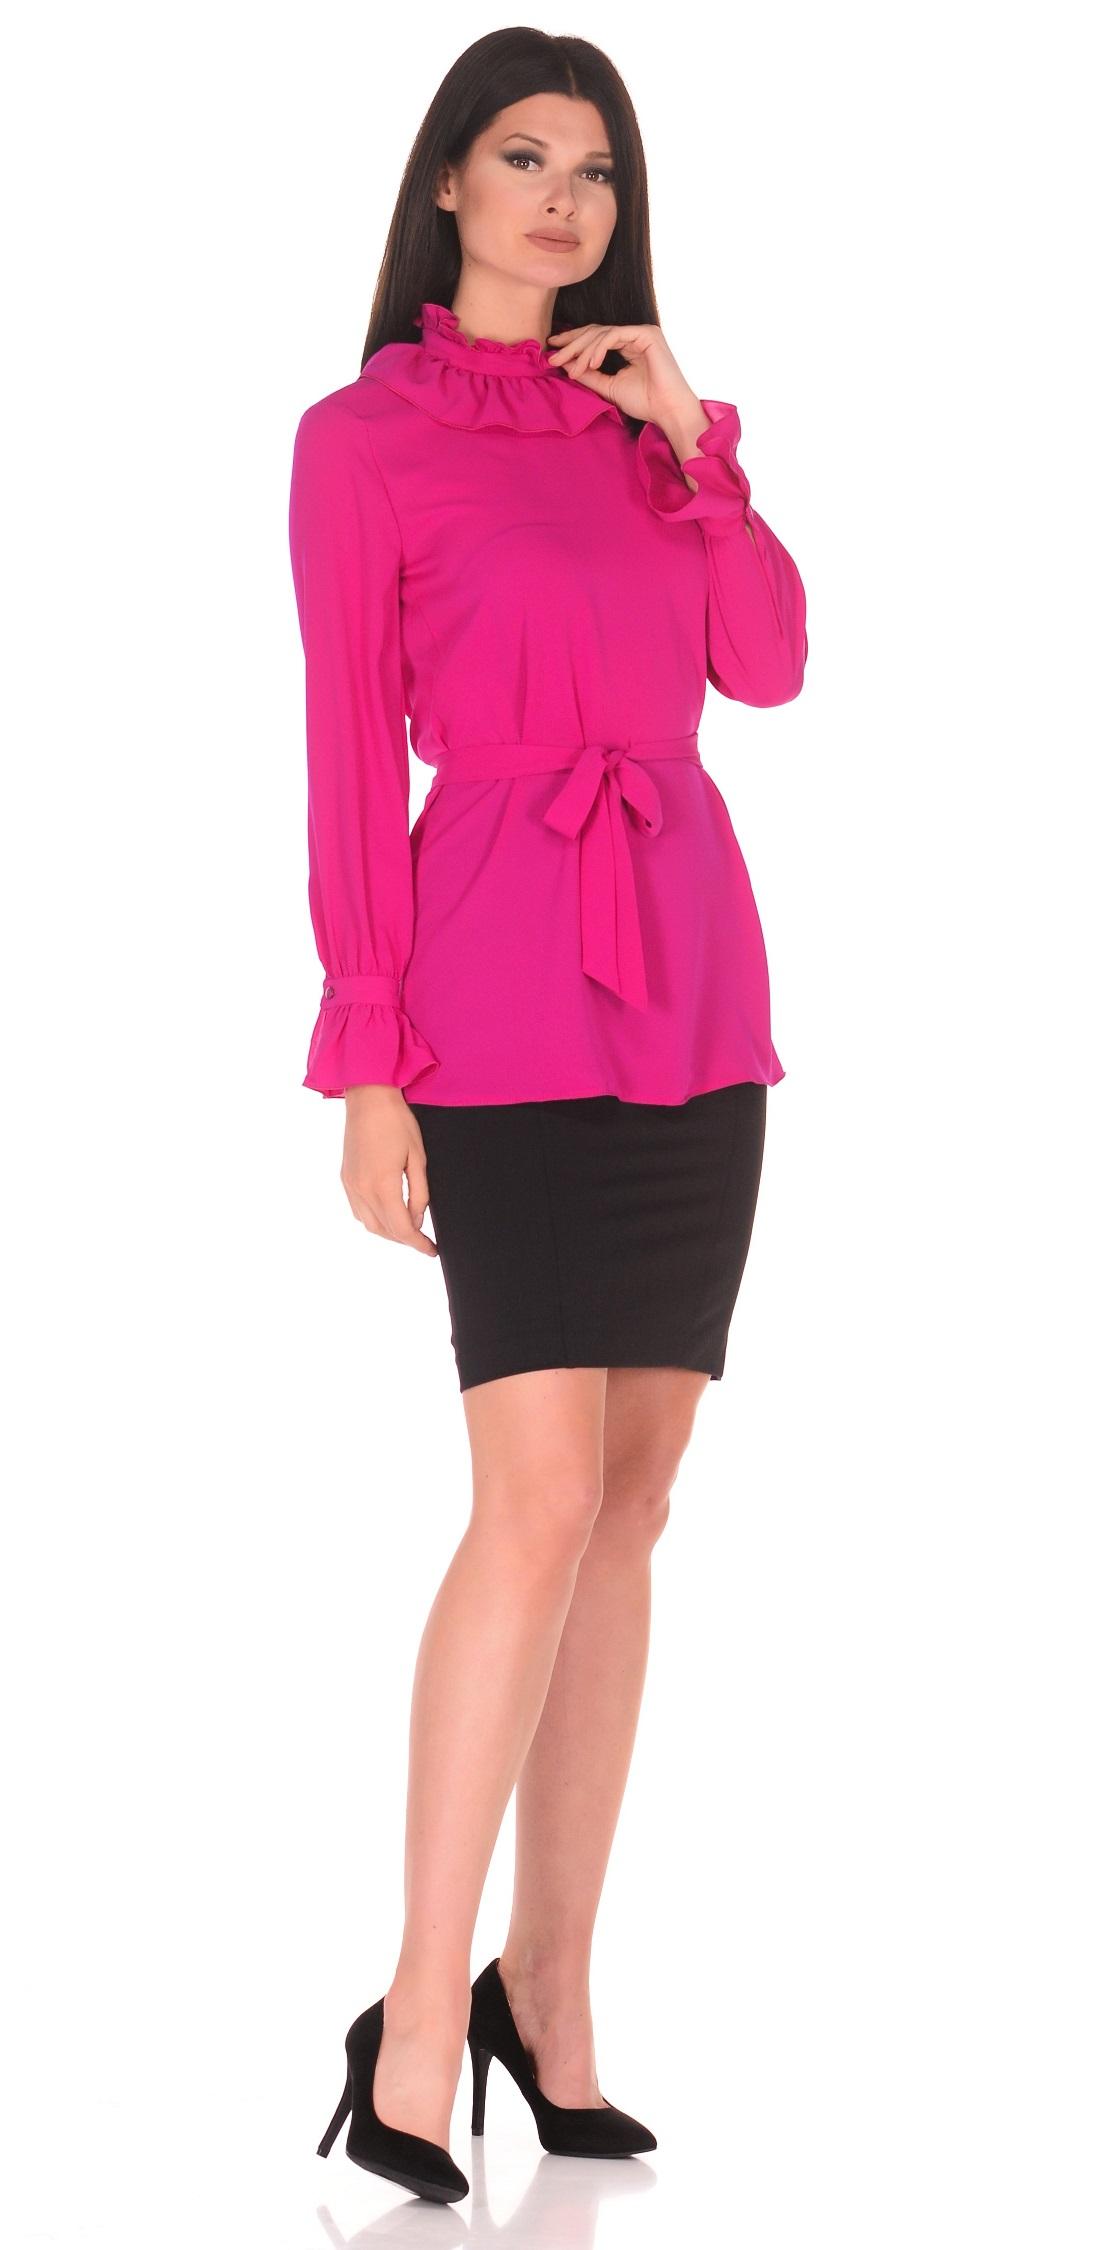 Купить Юбка женская из текстиля, МОСМЕХА, черный, 1000682